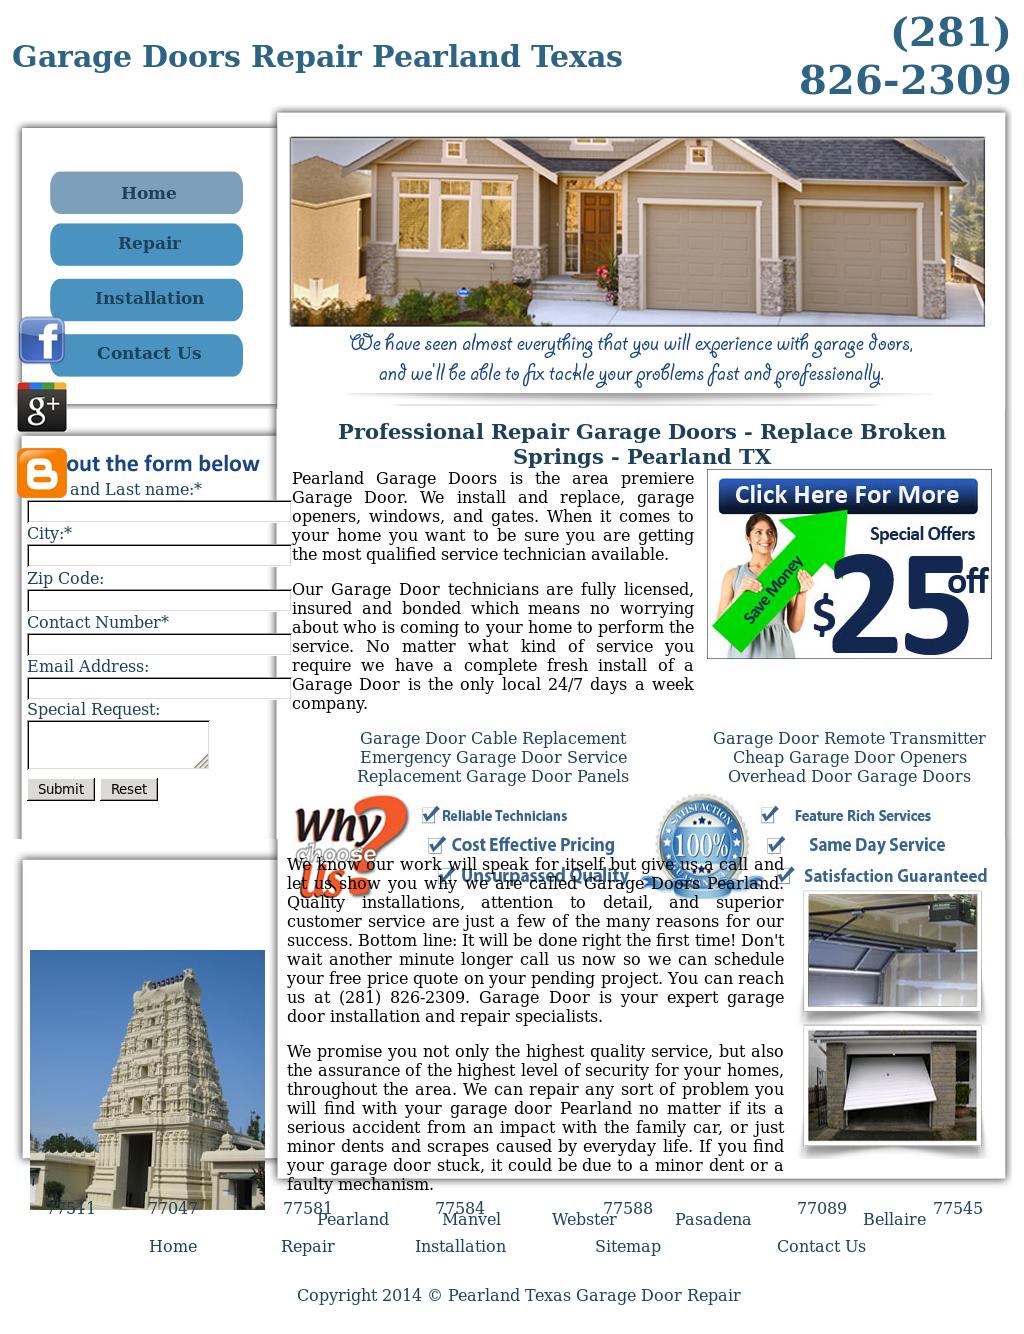 Pearland Texas Garage Door Repair Website History